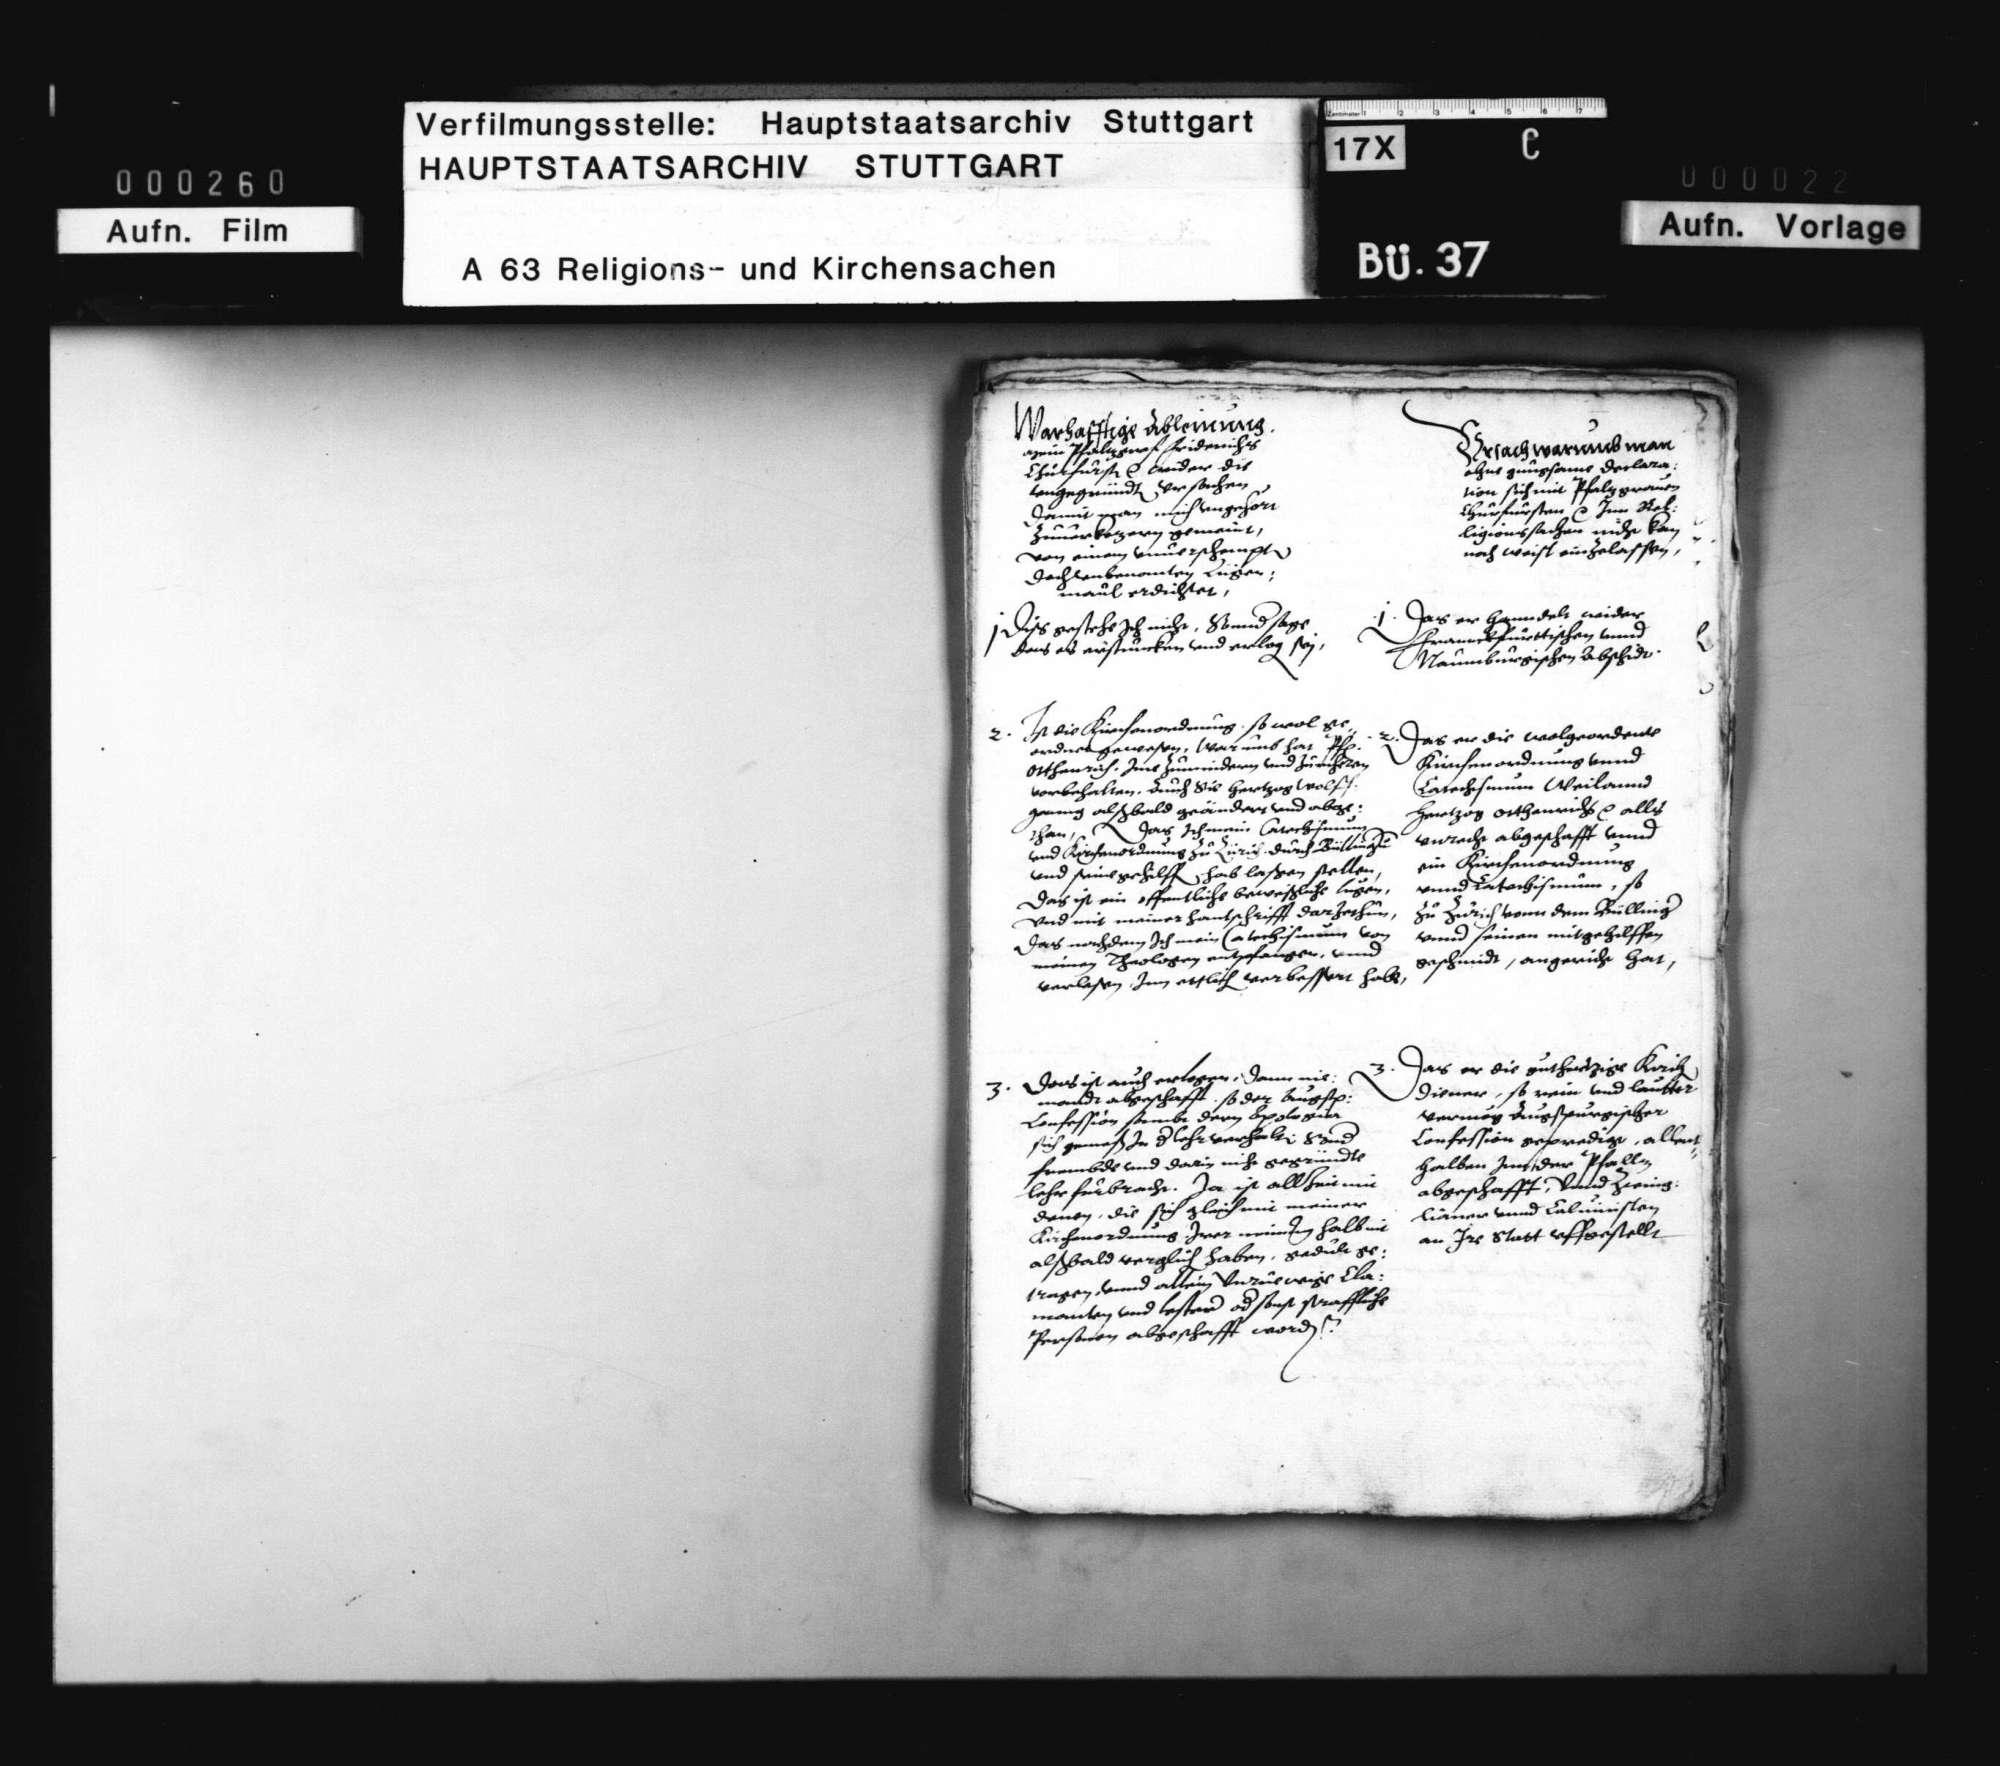 Schreiben von und an Pfalzgraf Johann Kasimir, Herzog Christoph und Pfalzgraf Wolfgang, warum sich mit dem Kurfürsten zu Pfalz in Religionssachen nicht einzulassen., Bild 2